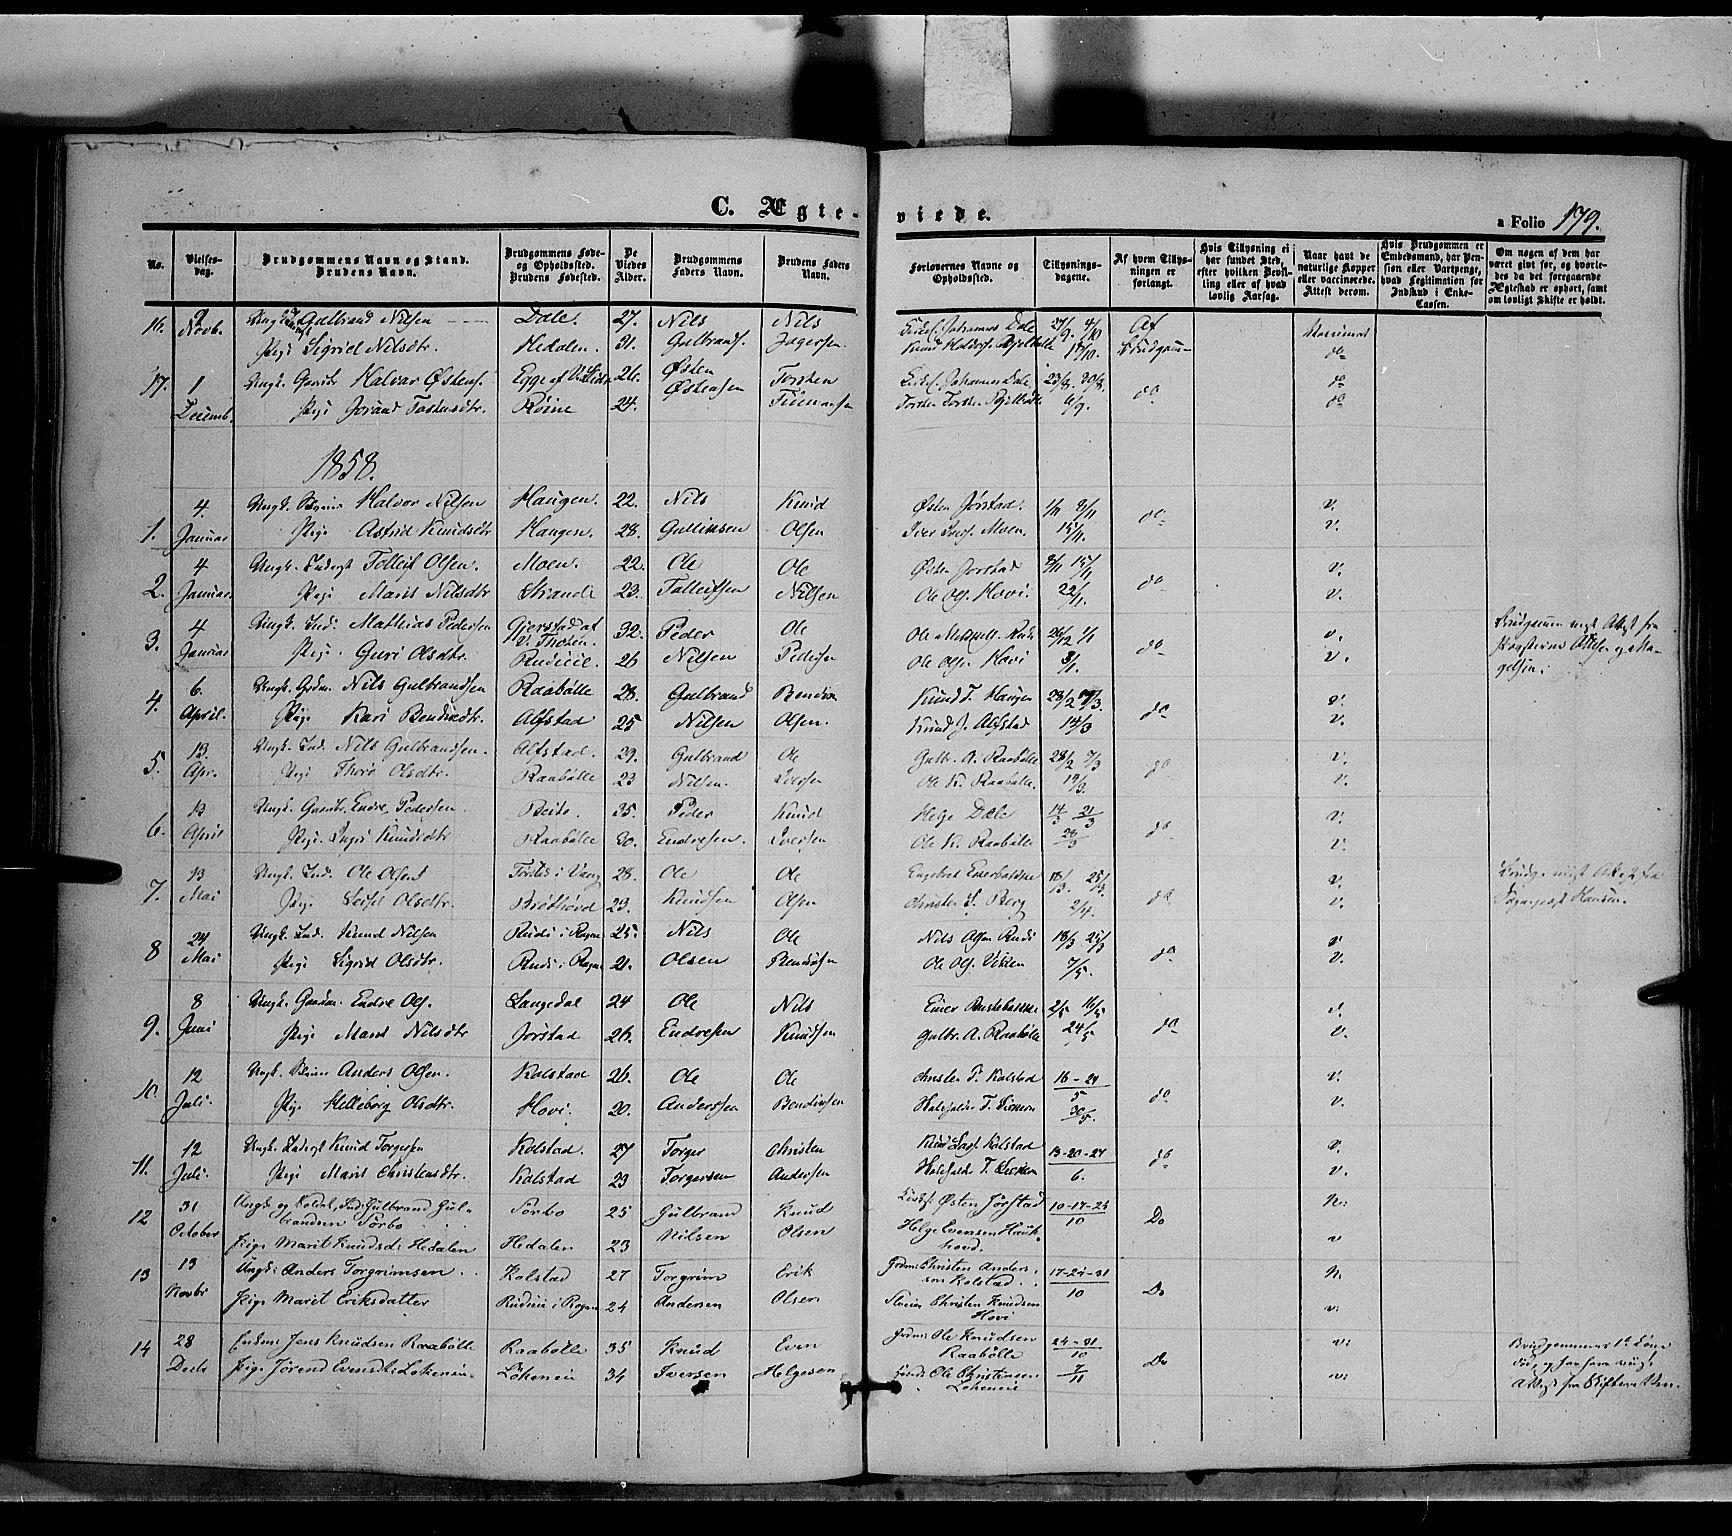 SAH, Øystre Slidre prestekontor, Ministerialbok nr. 1, 1849-1874, s. 179